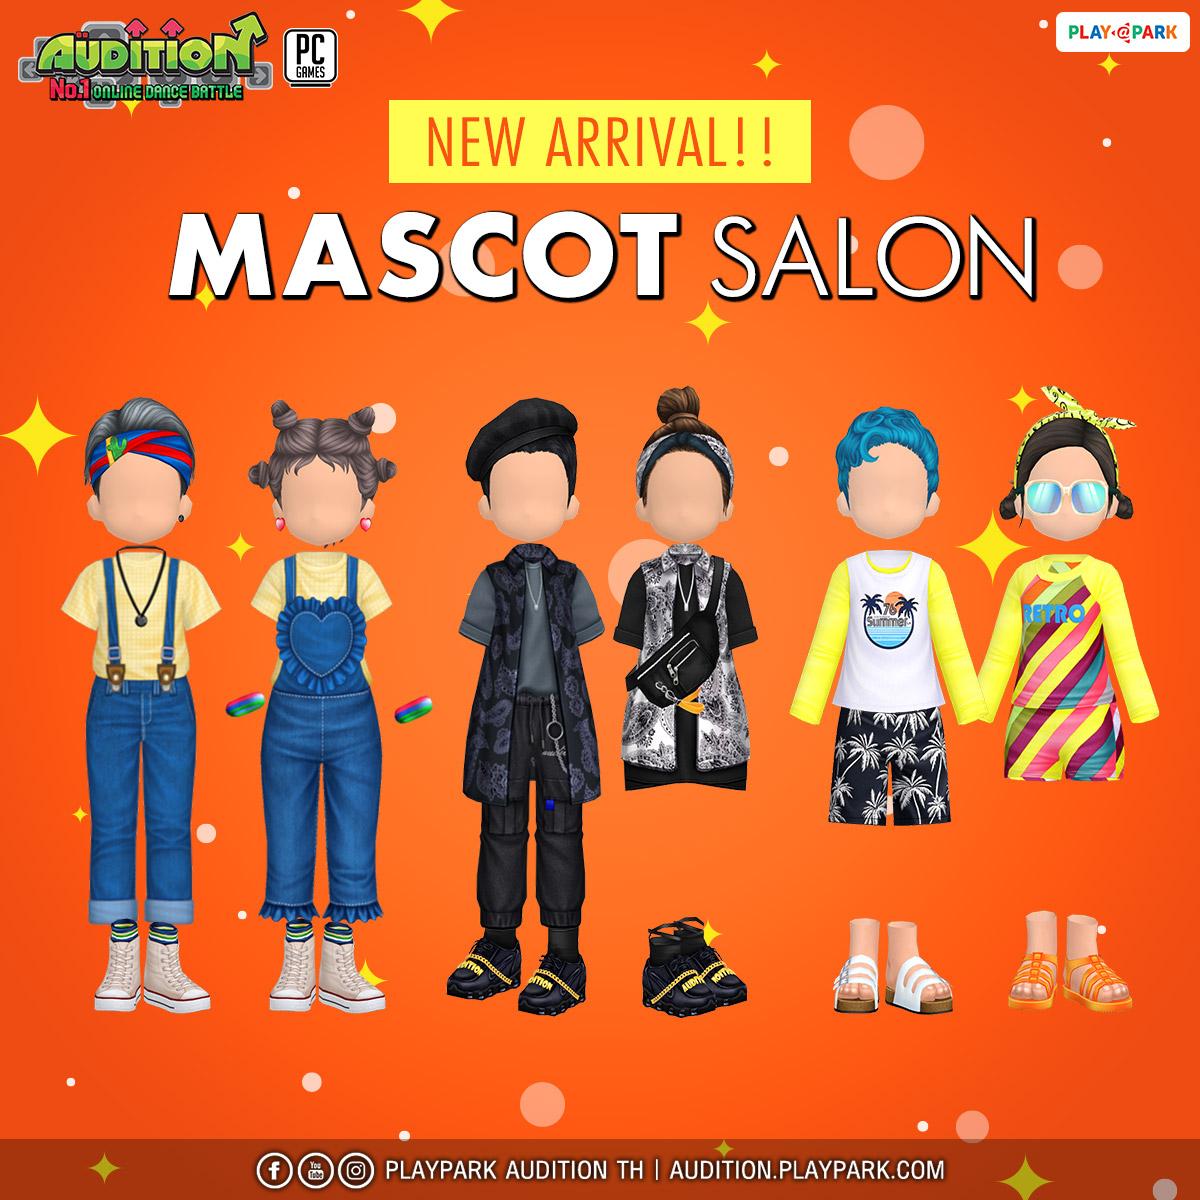 [AUDITION] 12 กุมภาพันธ์นี้ อัปเดตกล่องของขวัญแบบใหม่ ไอเทมใหม่และชุด Mascot สุดน่ารัก